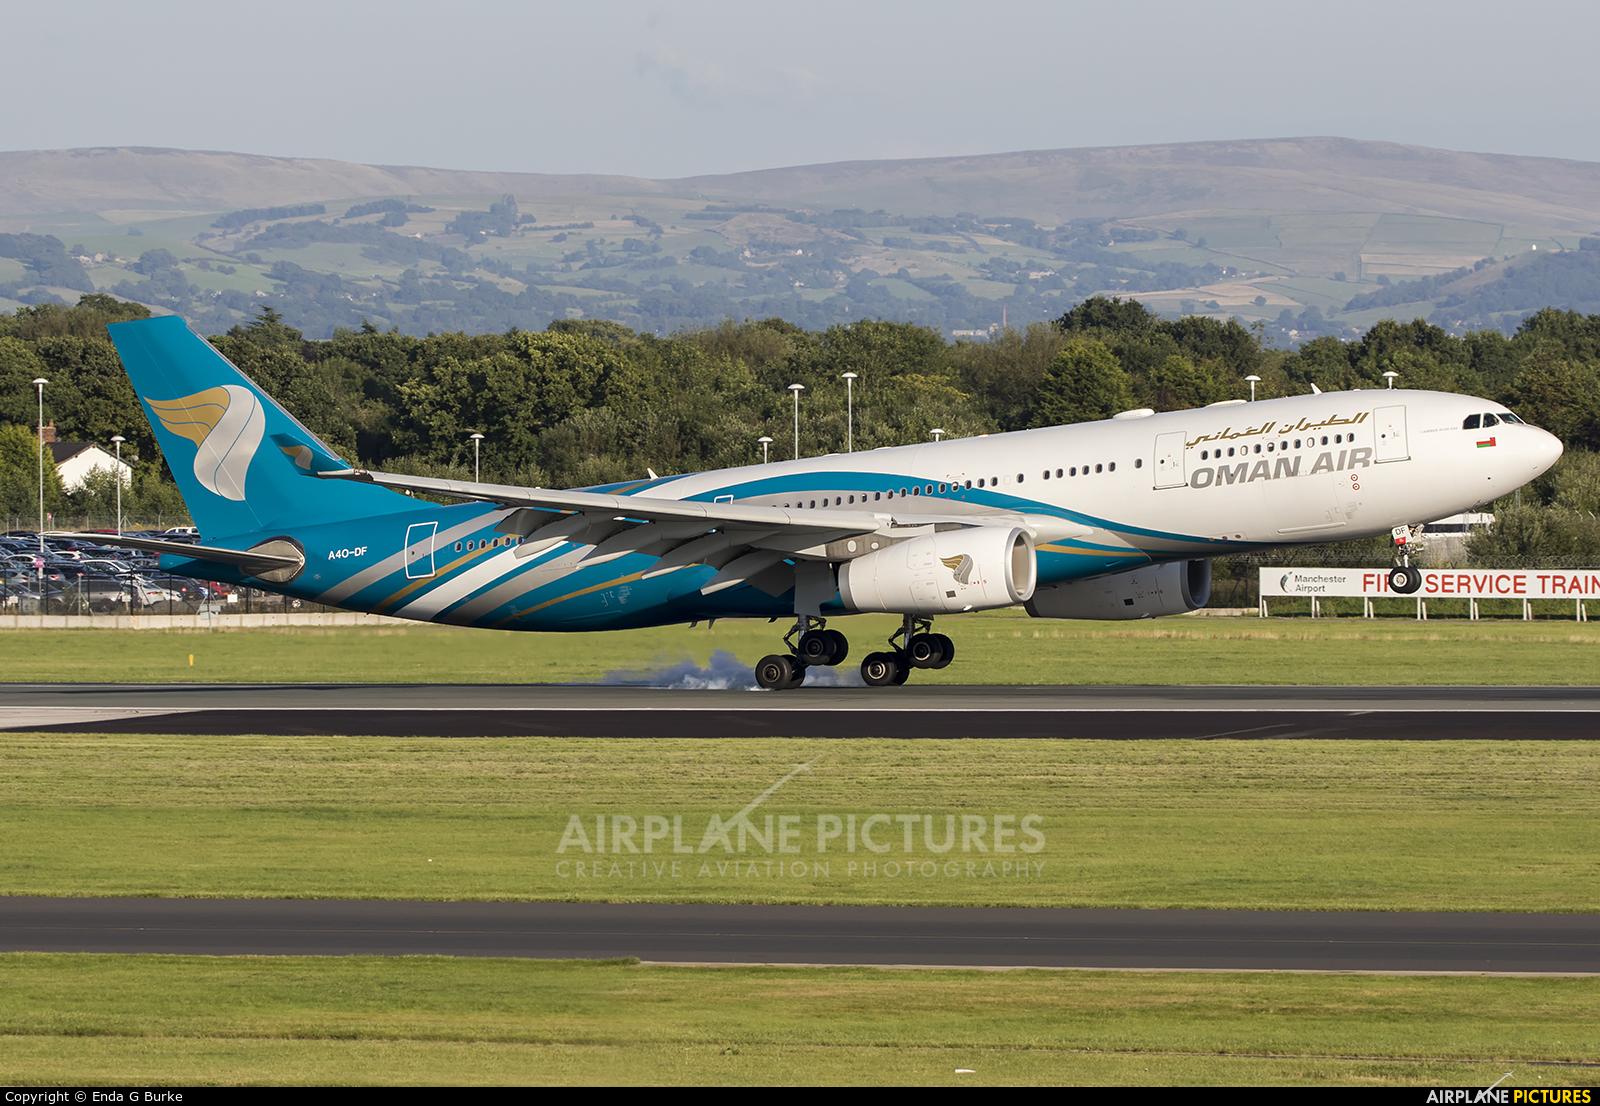 Oman Air A40-DF aircraft at Manchester